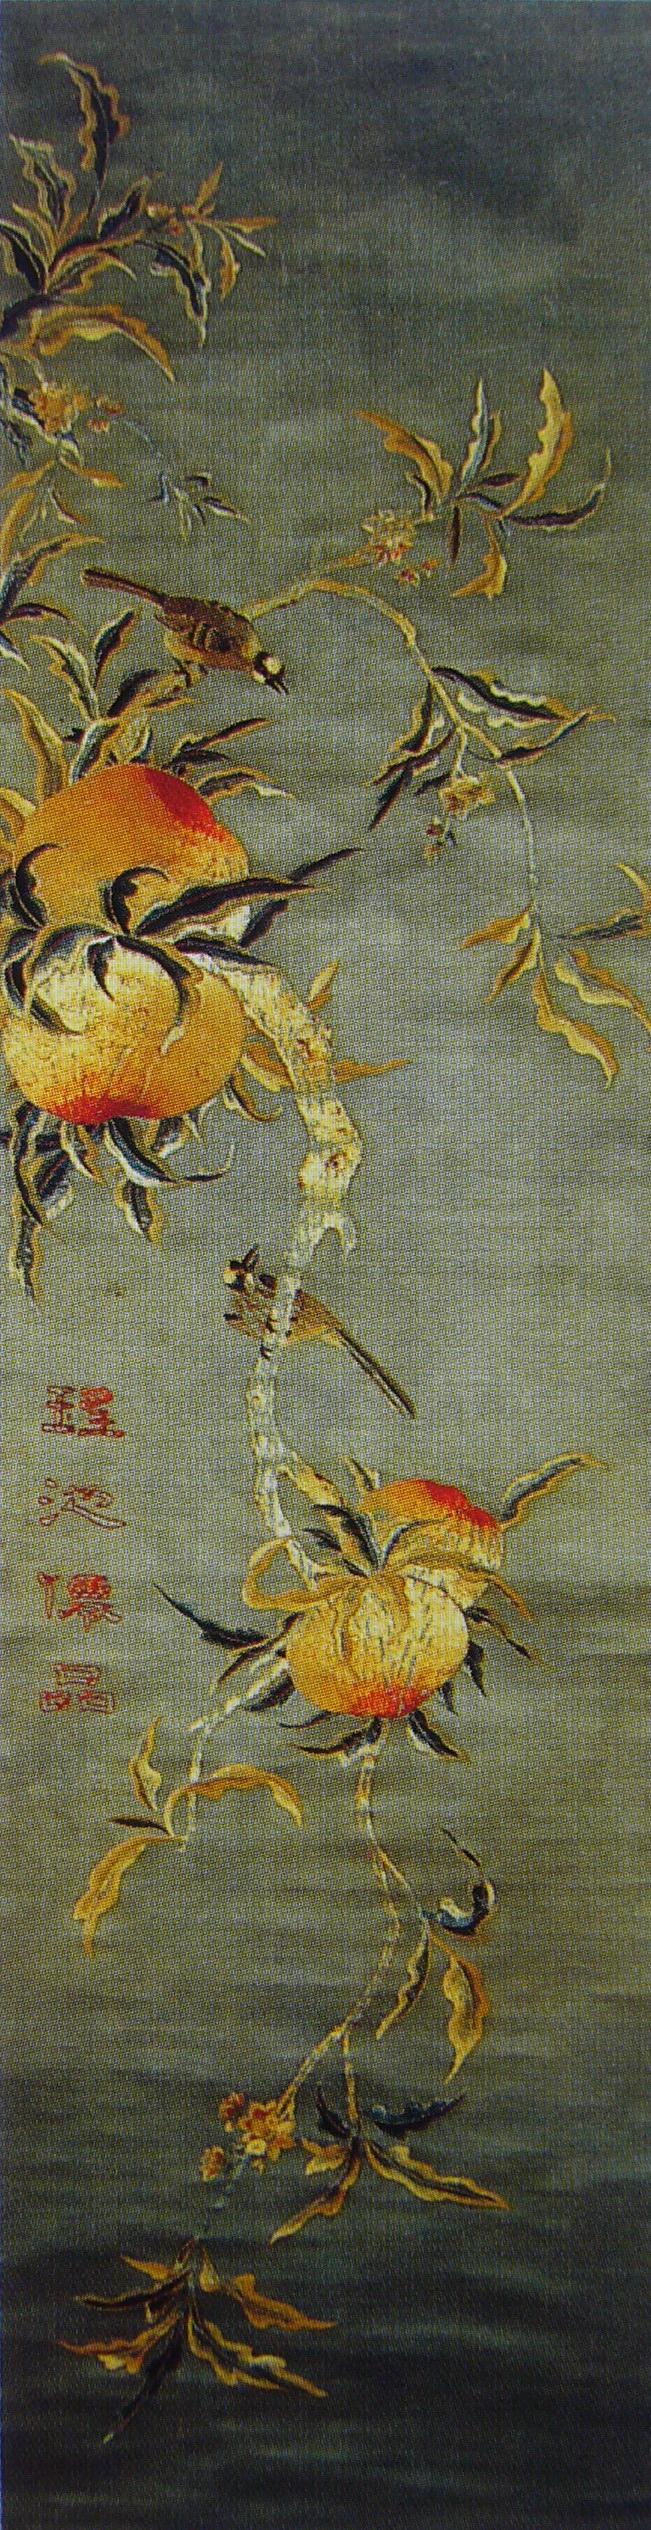 图1 4 5 2 清 苏绣《瑶池仙品》·中国苏绣艺术博物馆藏 认识真正的四大名绣:苏绣